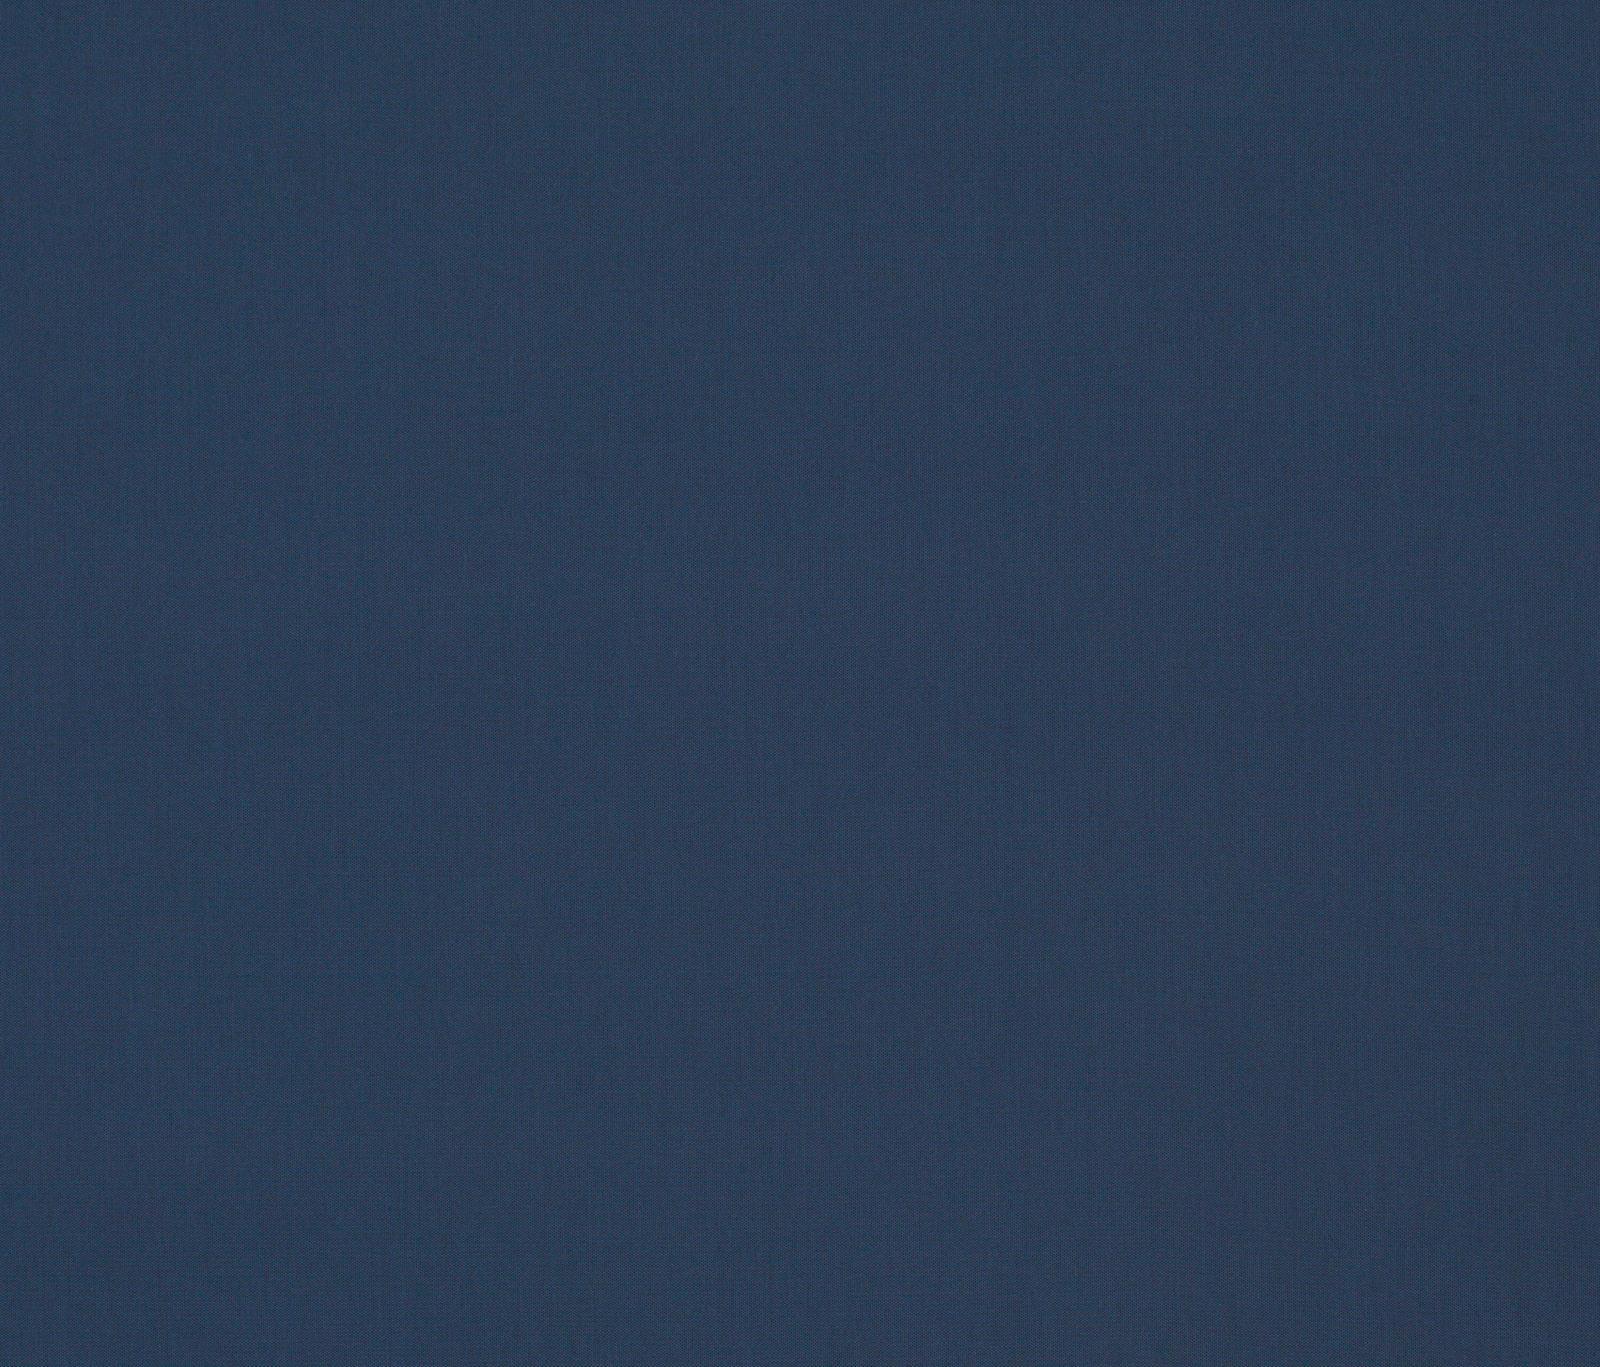 SuperSack Palettenkissen Premium - Farbkarte Riviera Blue